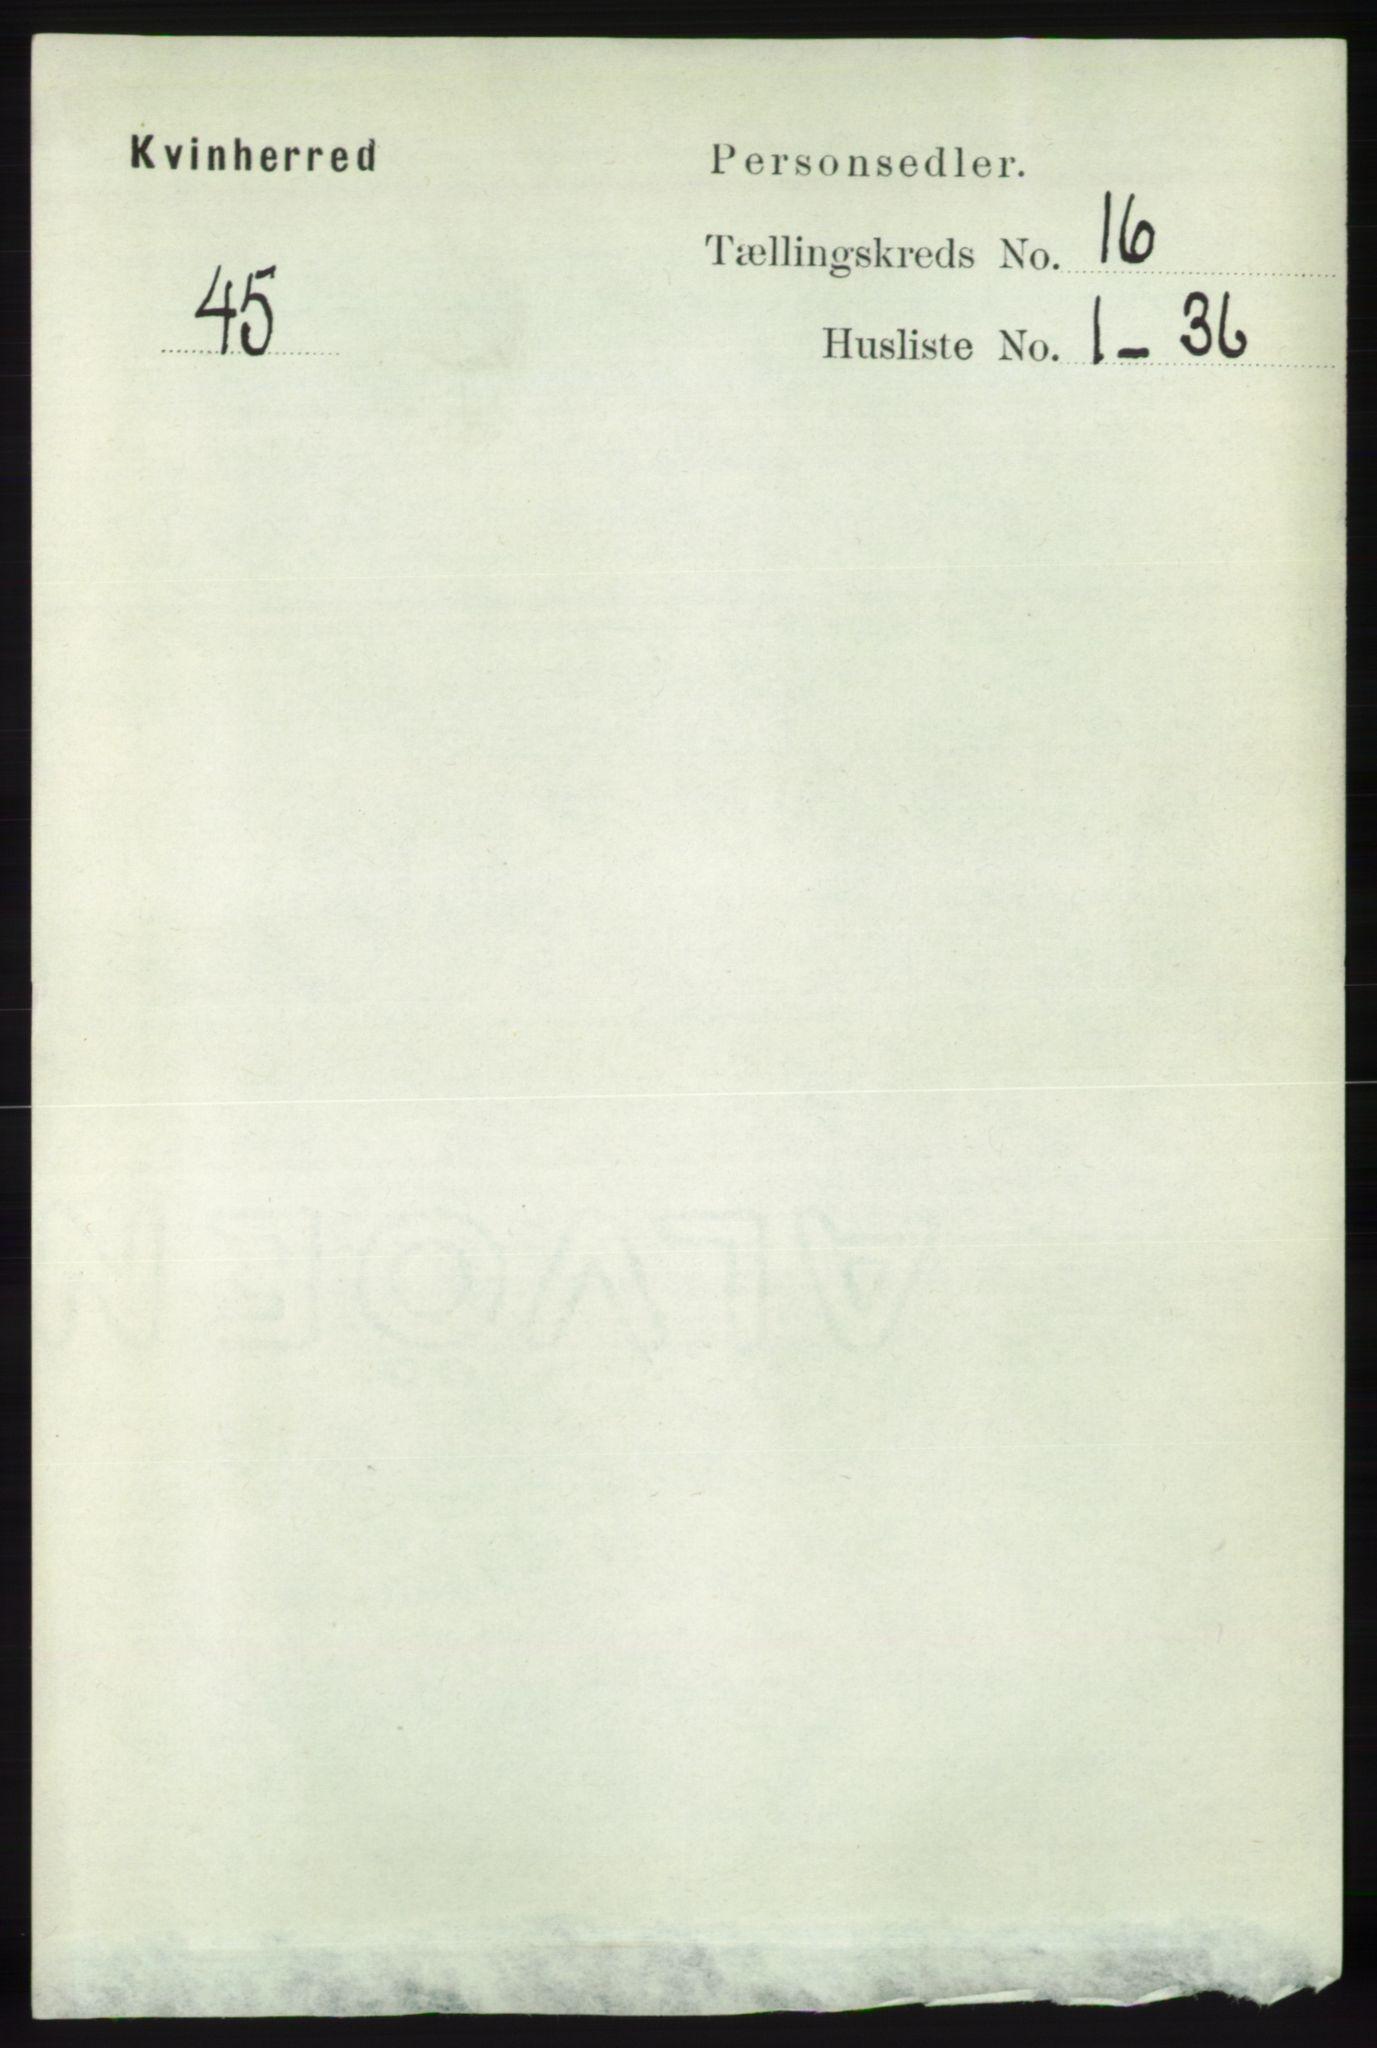 RA, Folketelling 1891 for 1224 Kvinnherad herred, 1891, s. 5442